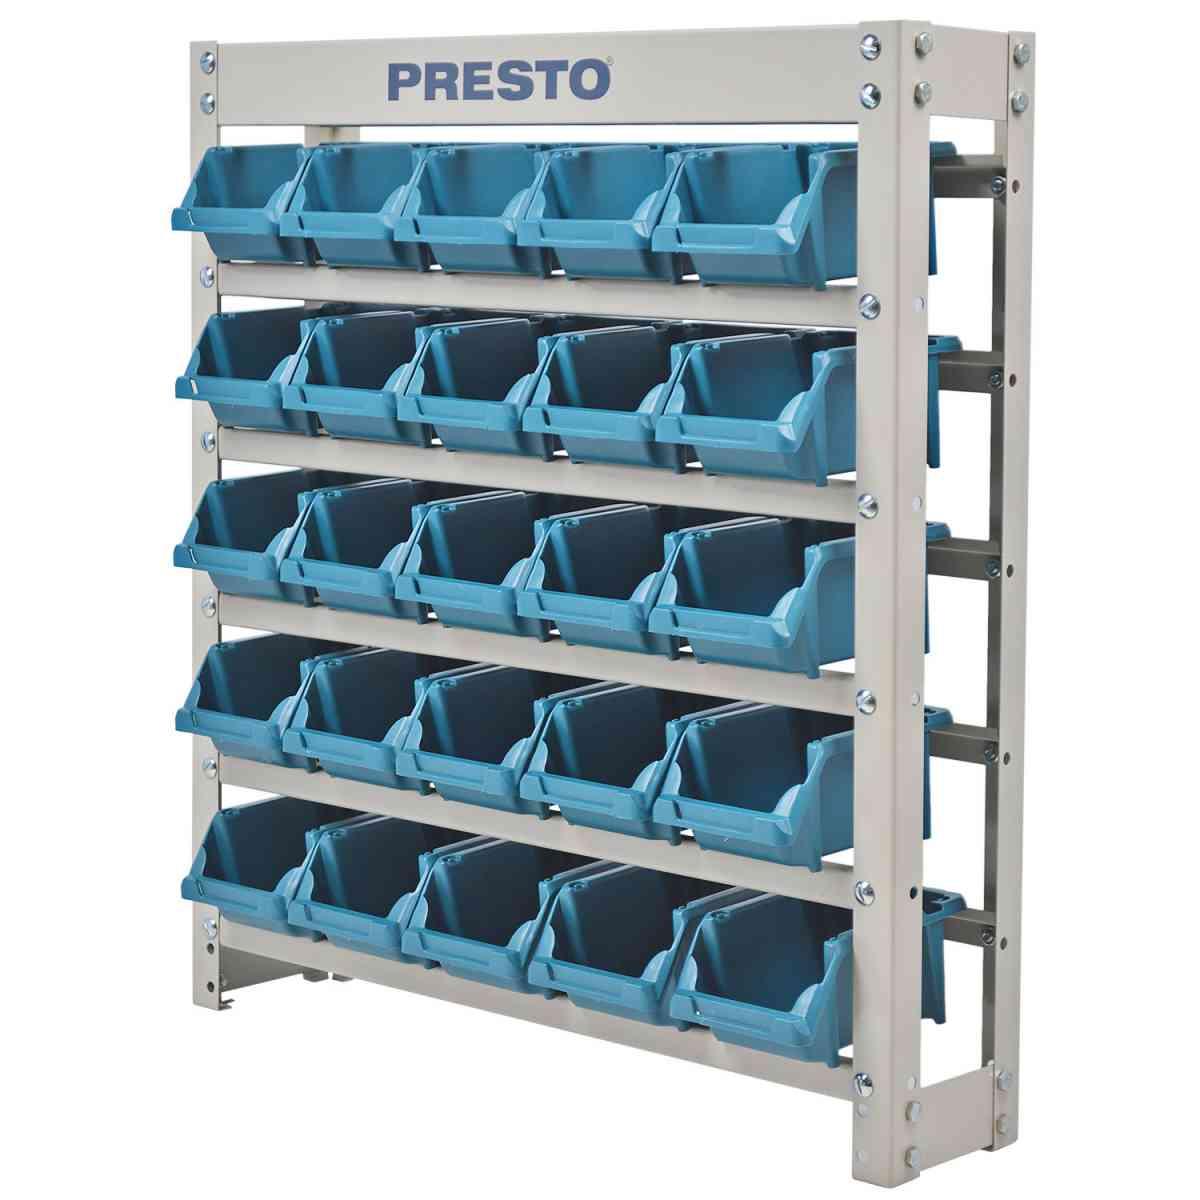 Estante Organizadora Azul 25 Gavetas n°3 8338A Presto